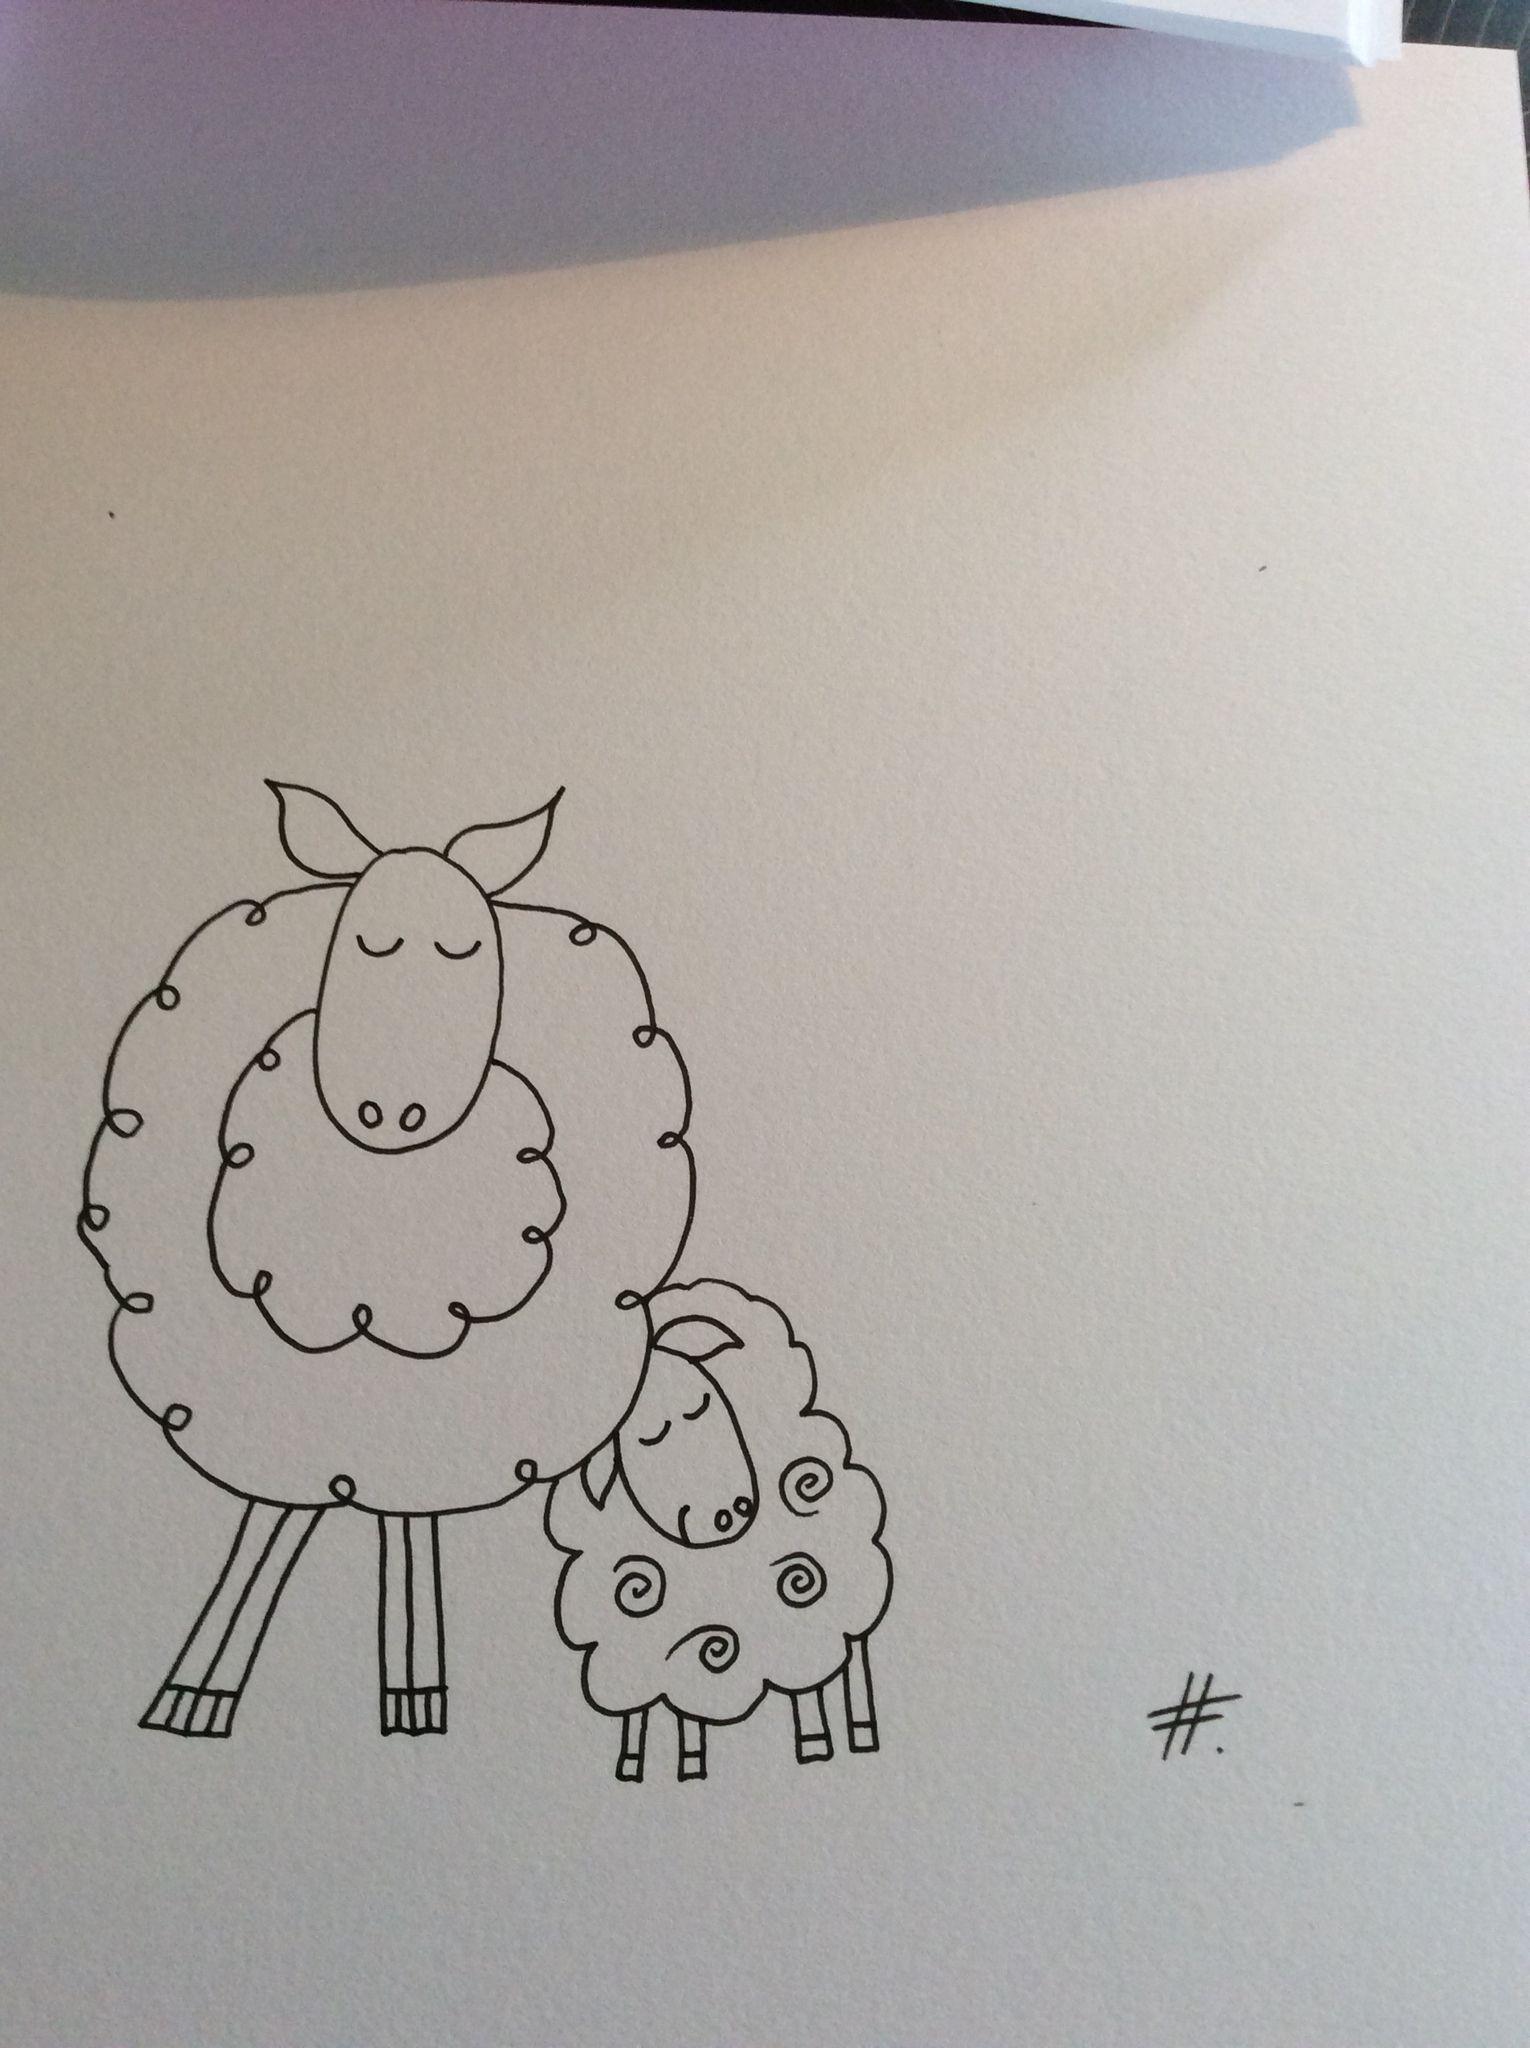 Mææææ ÆLSKE dæ❤️❤️❤️